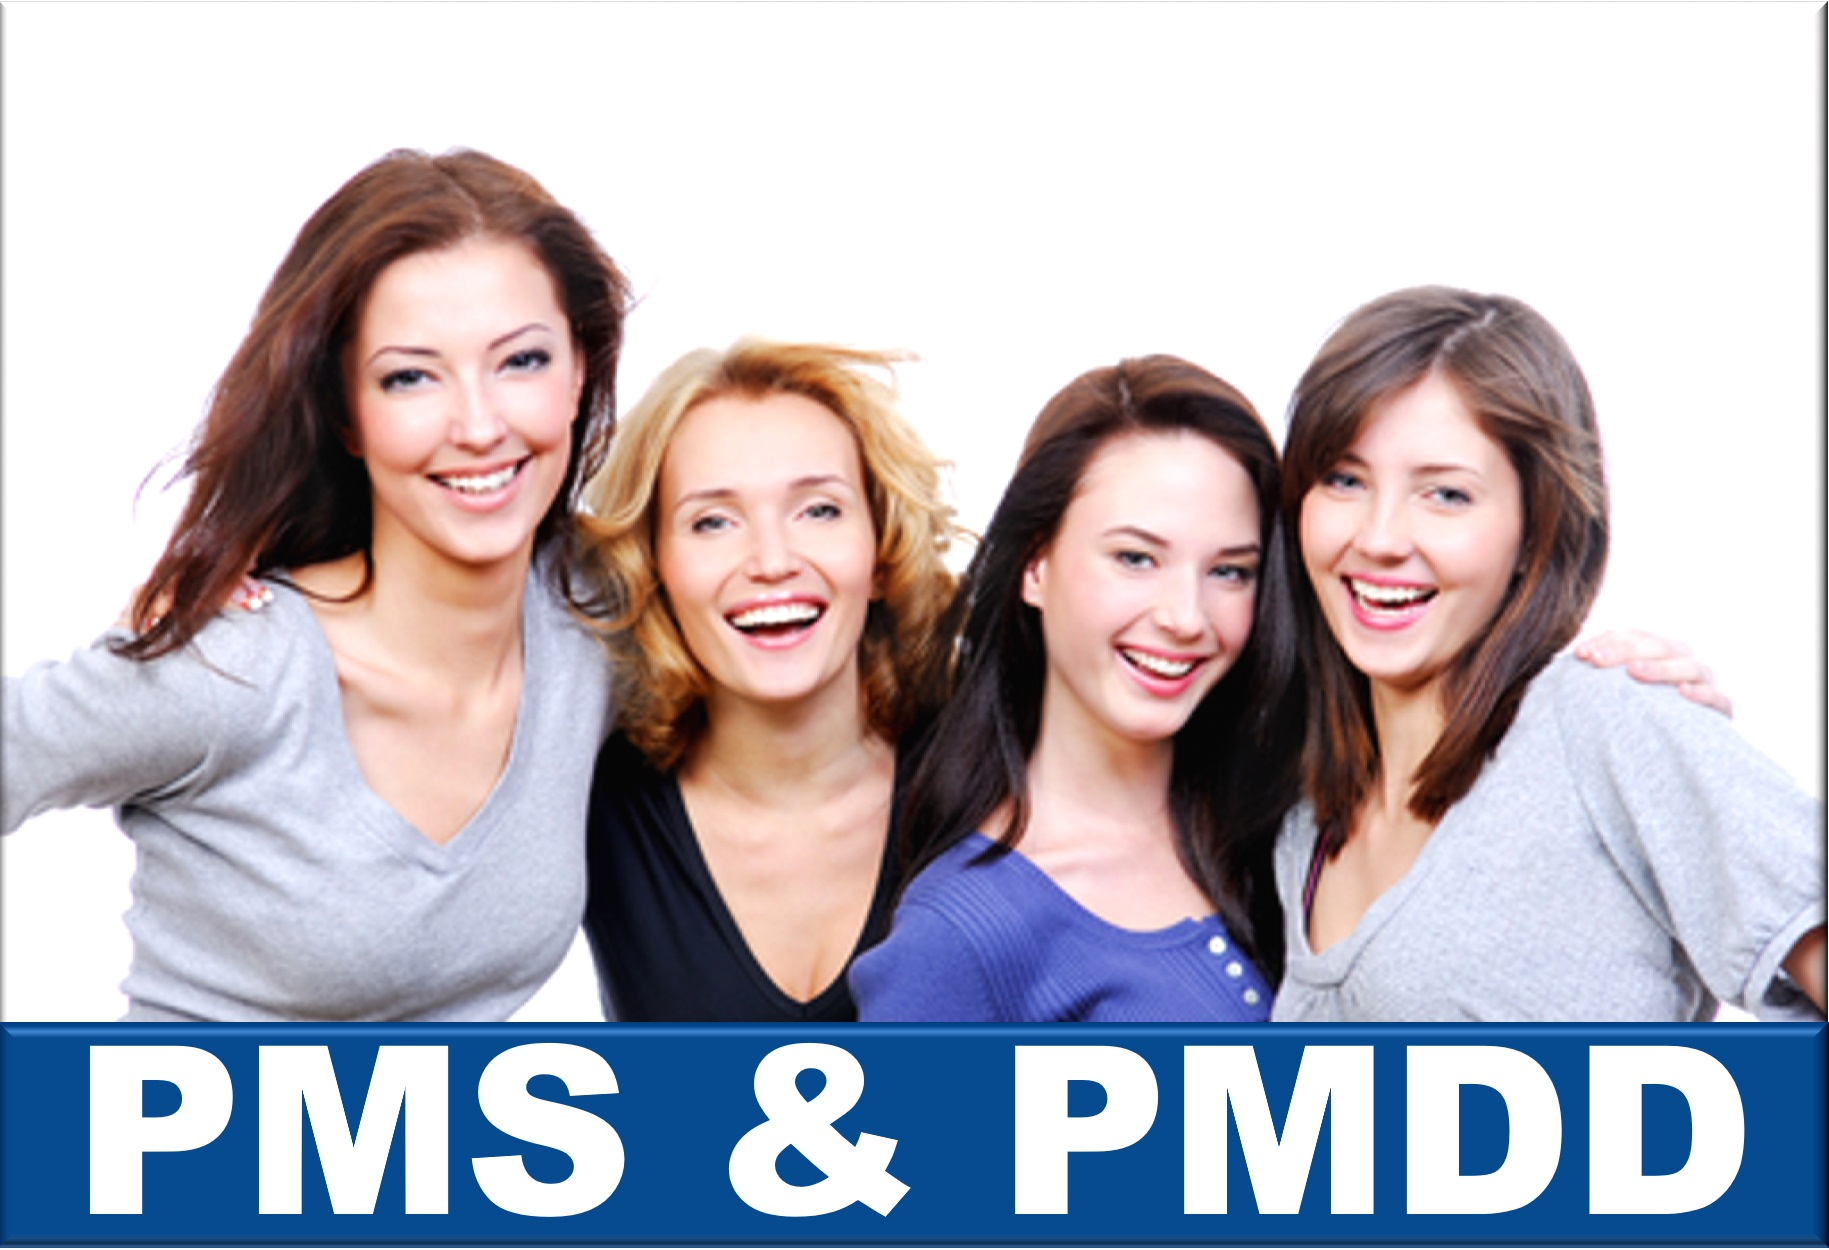 PMS & PMDD